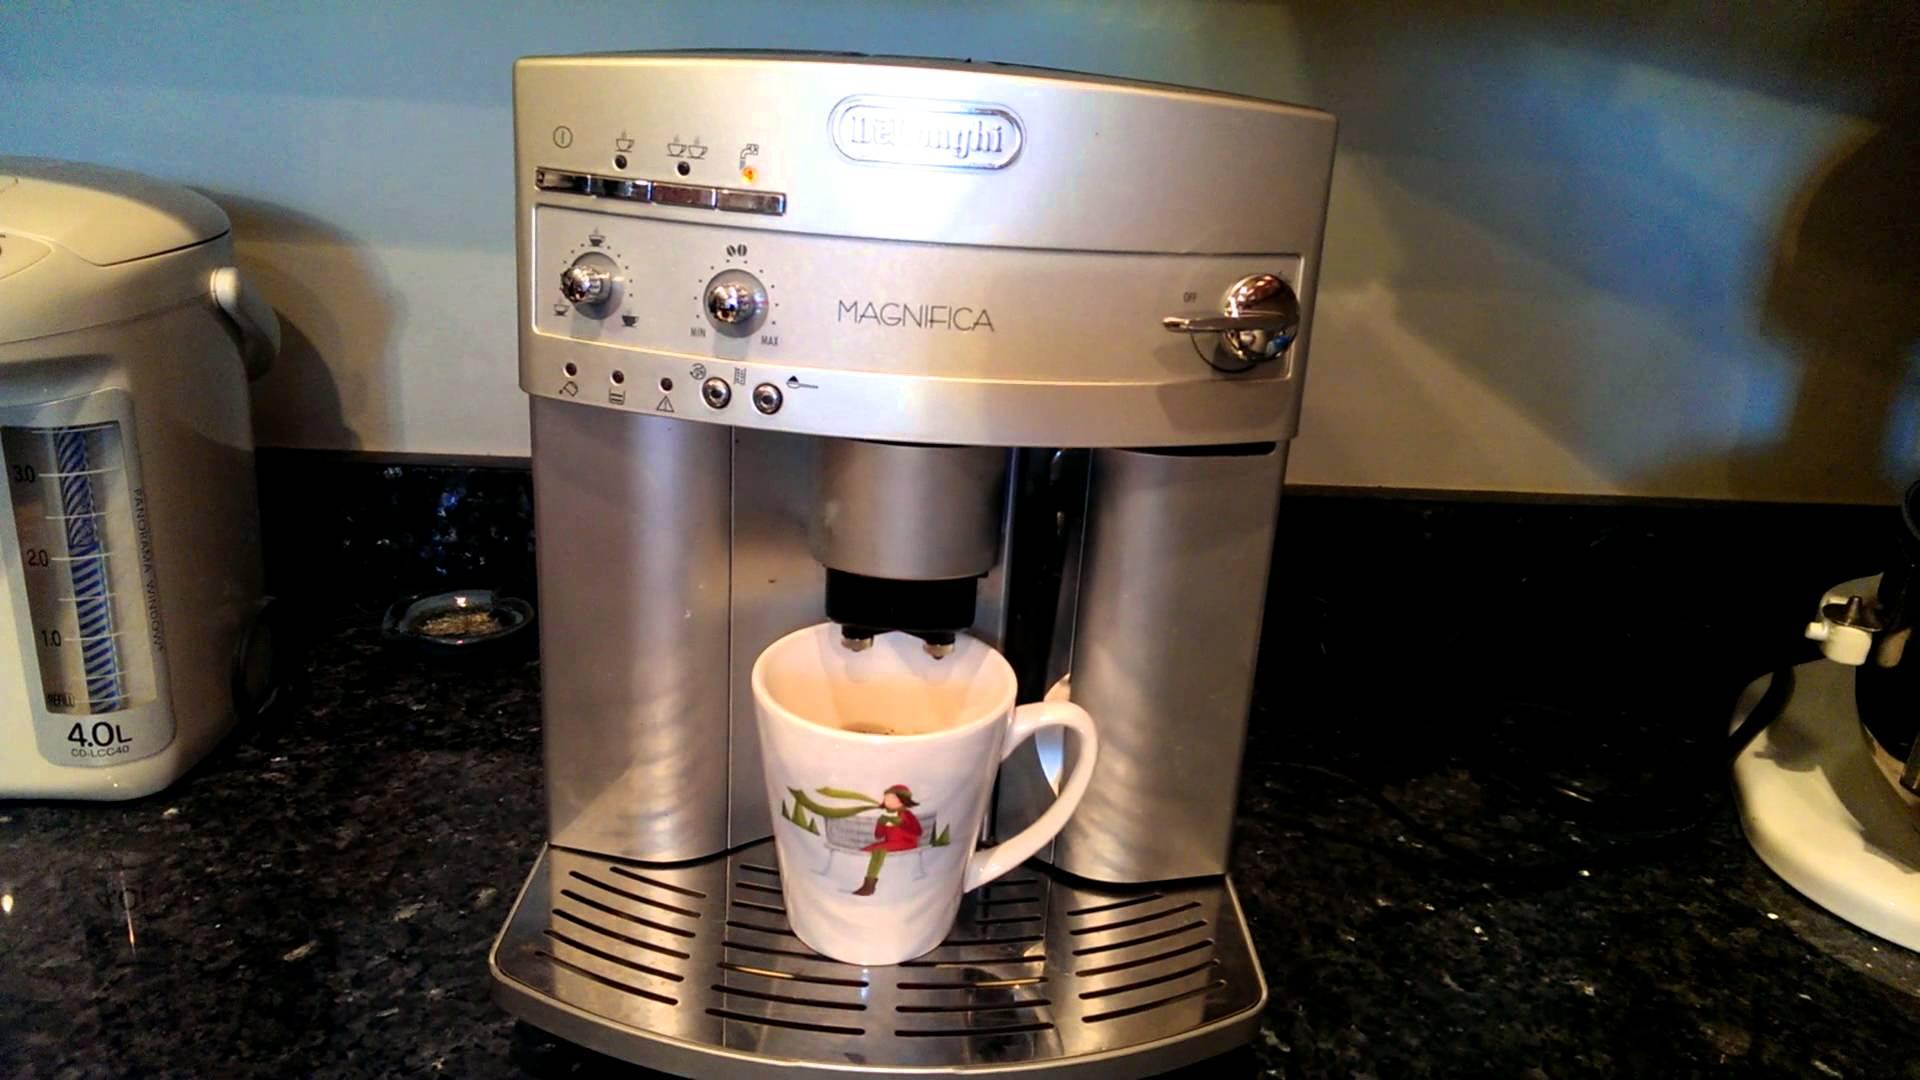 High End Coffee Maker Reviews 2015 : Review: Delonghi Espresso Machine - ESAM3300